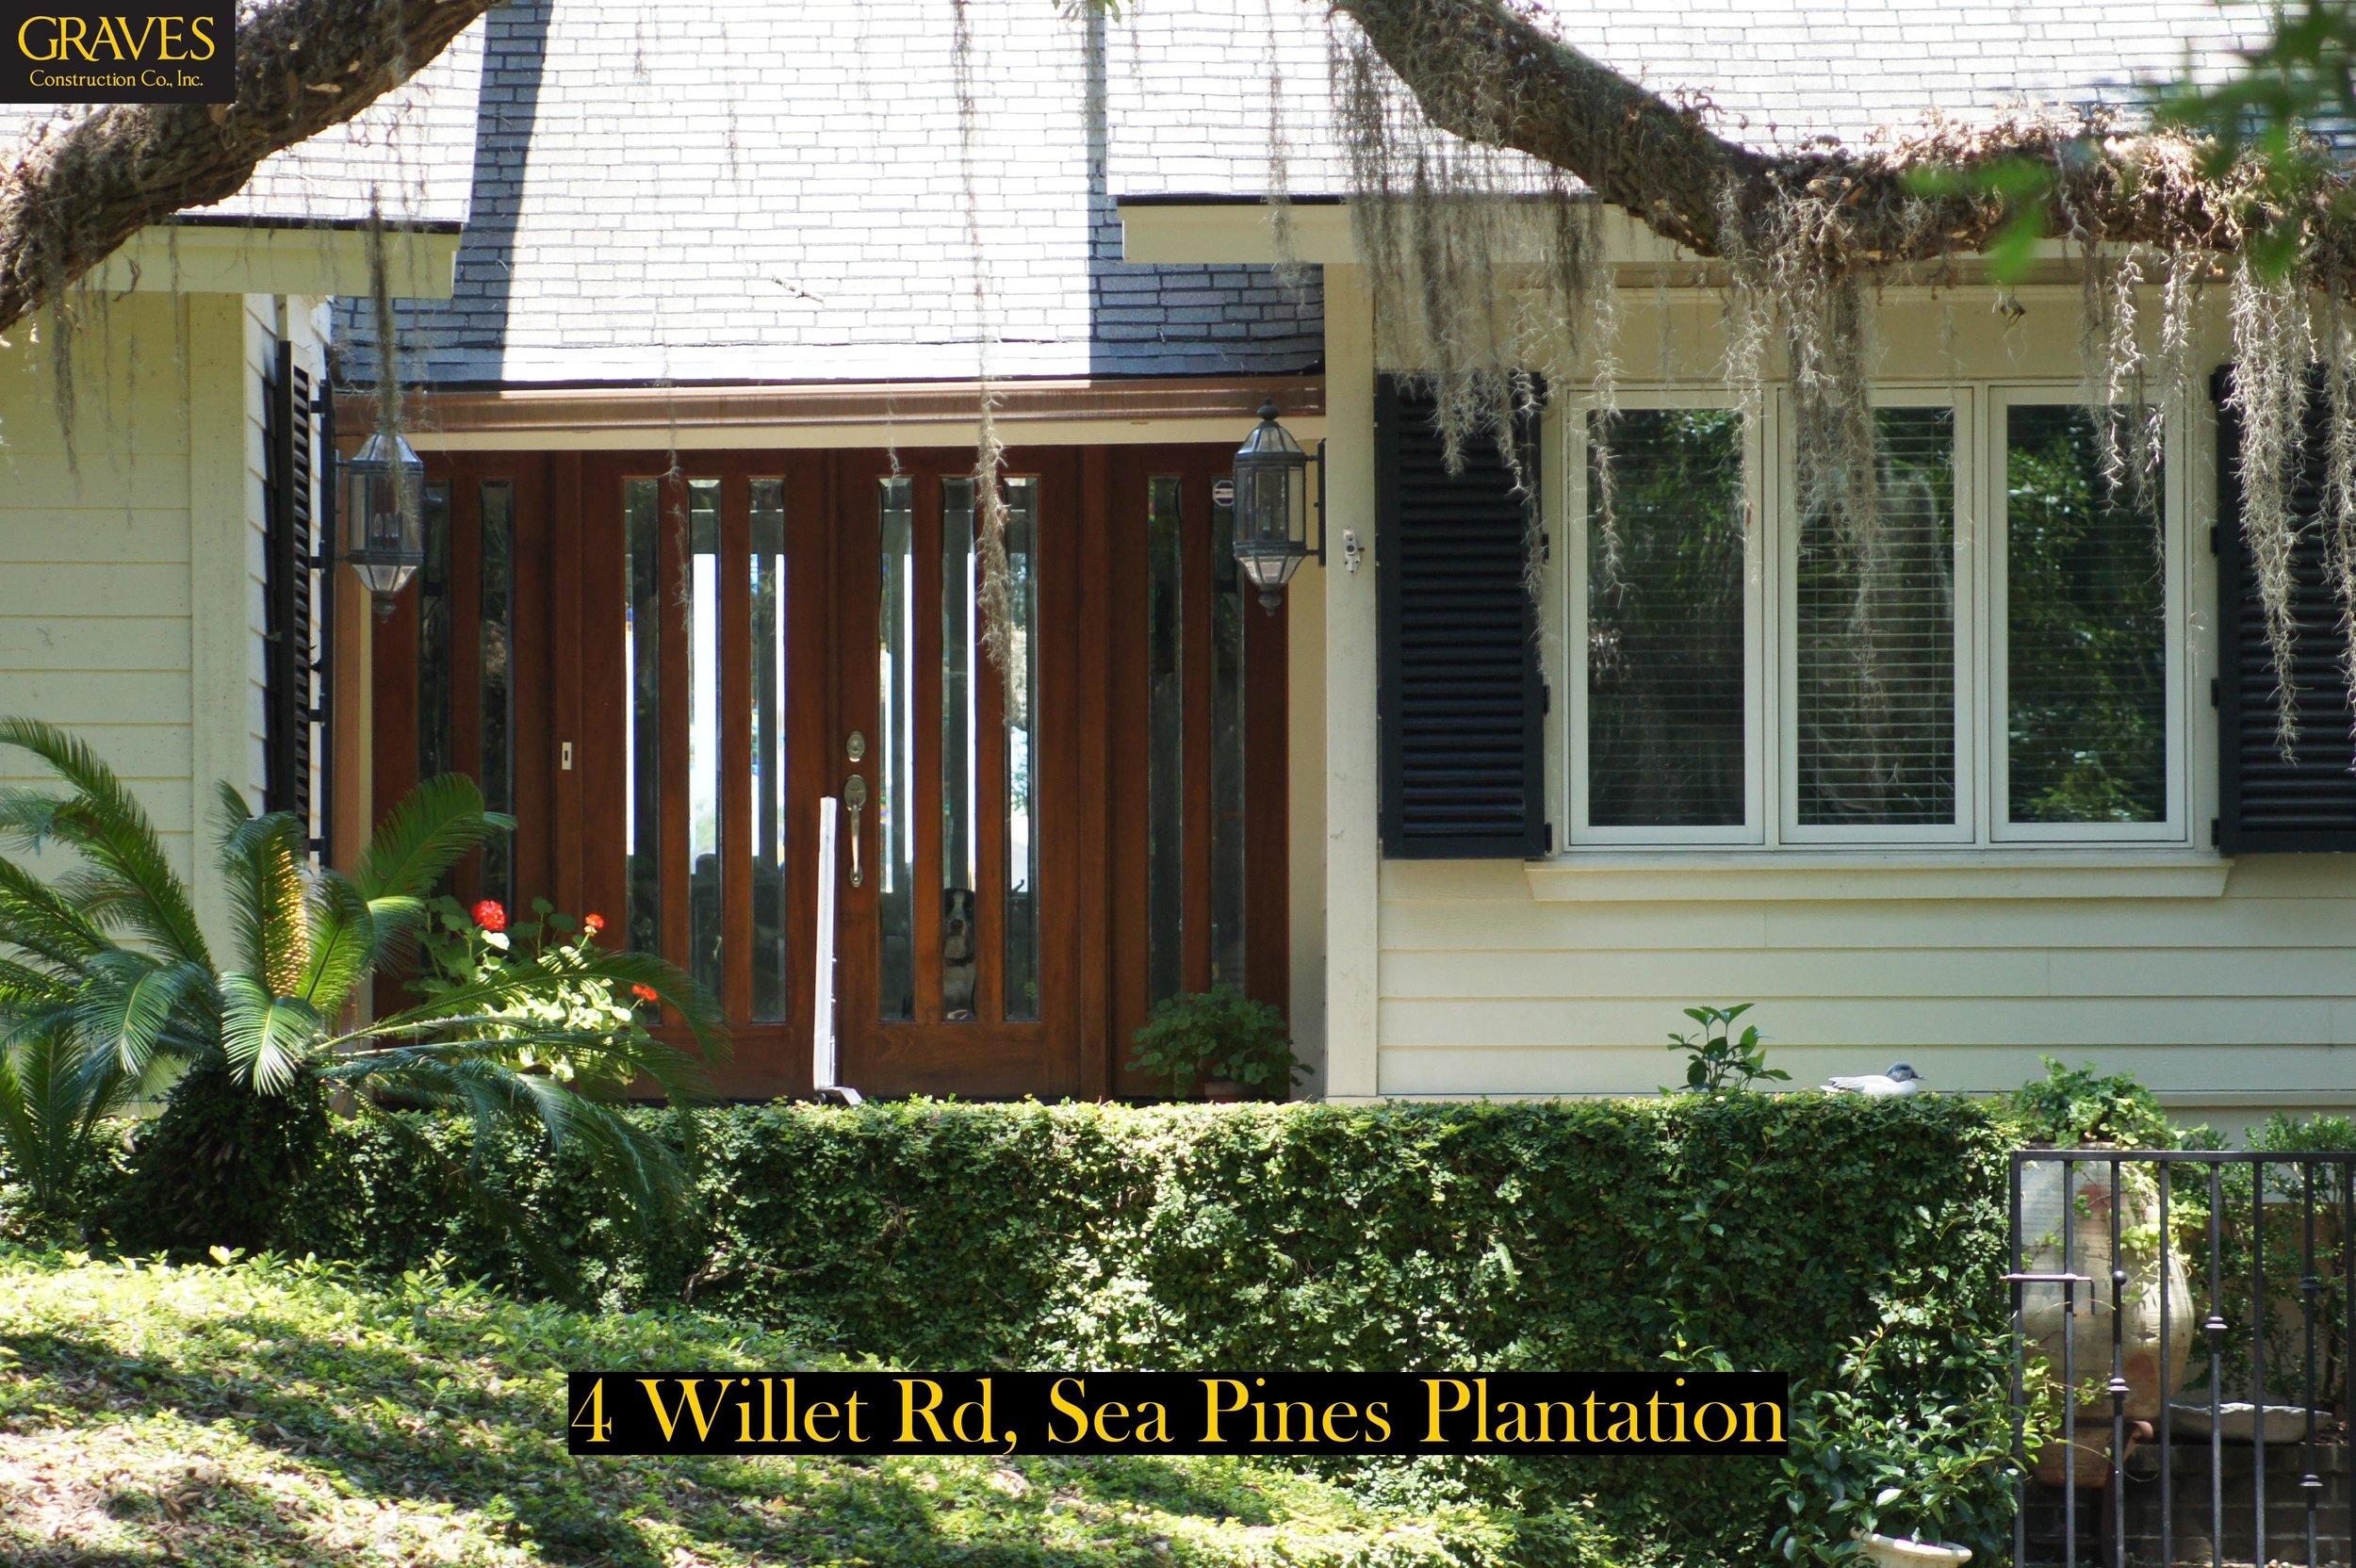 4 Willet Road - 1